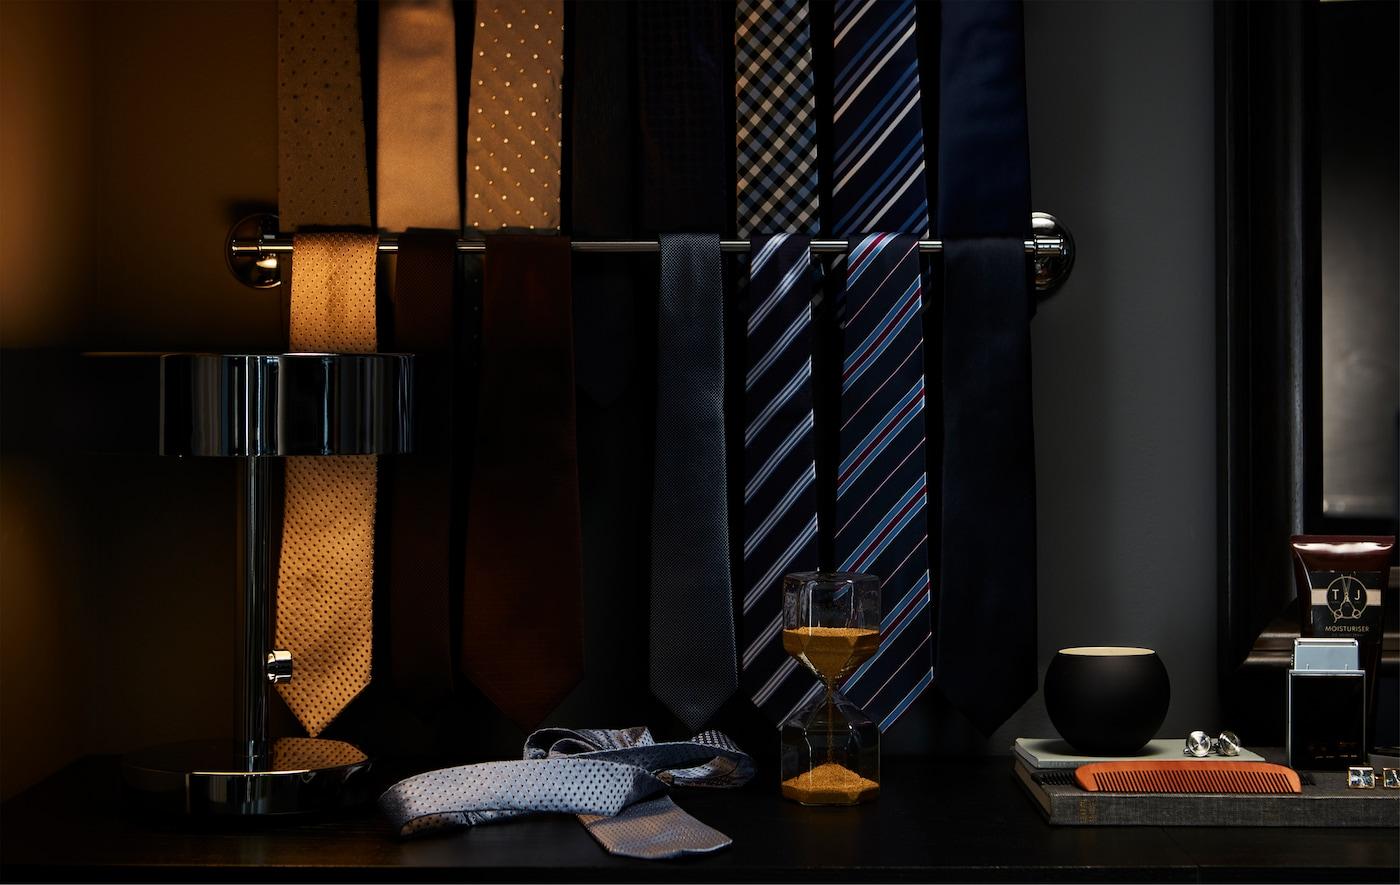 Krawatten Ordnung im Kleiderschrank